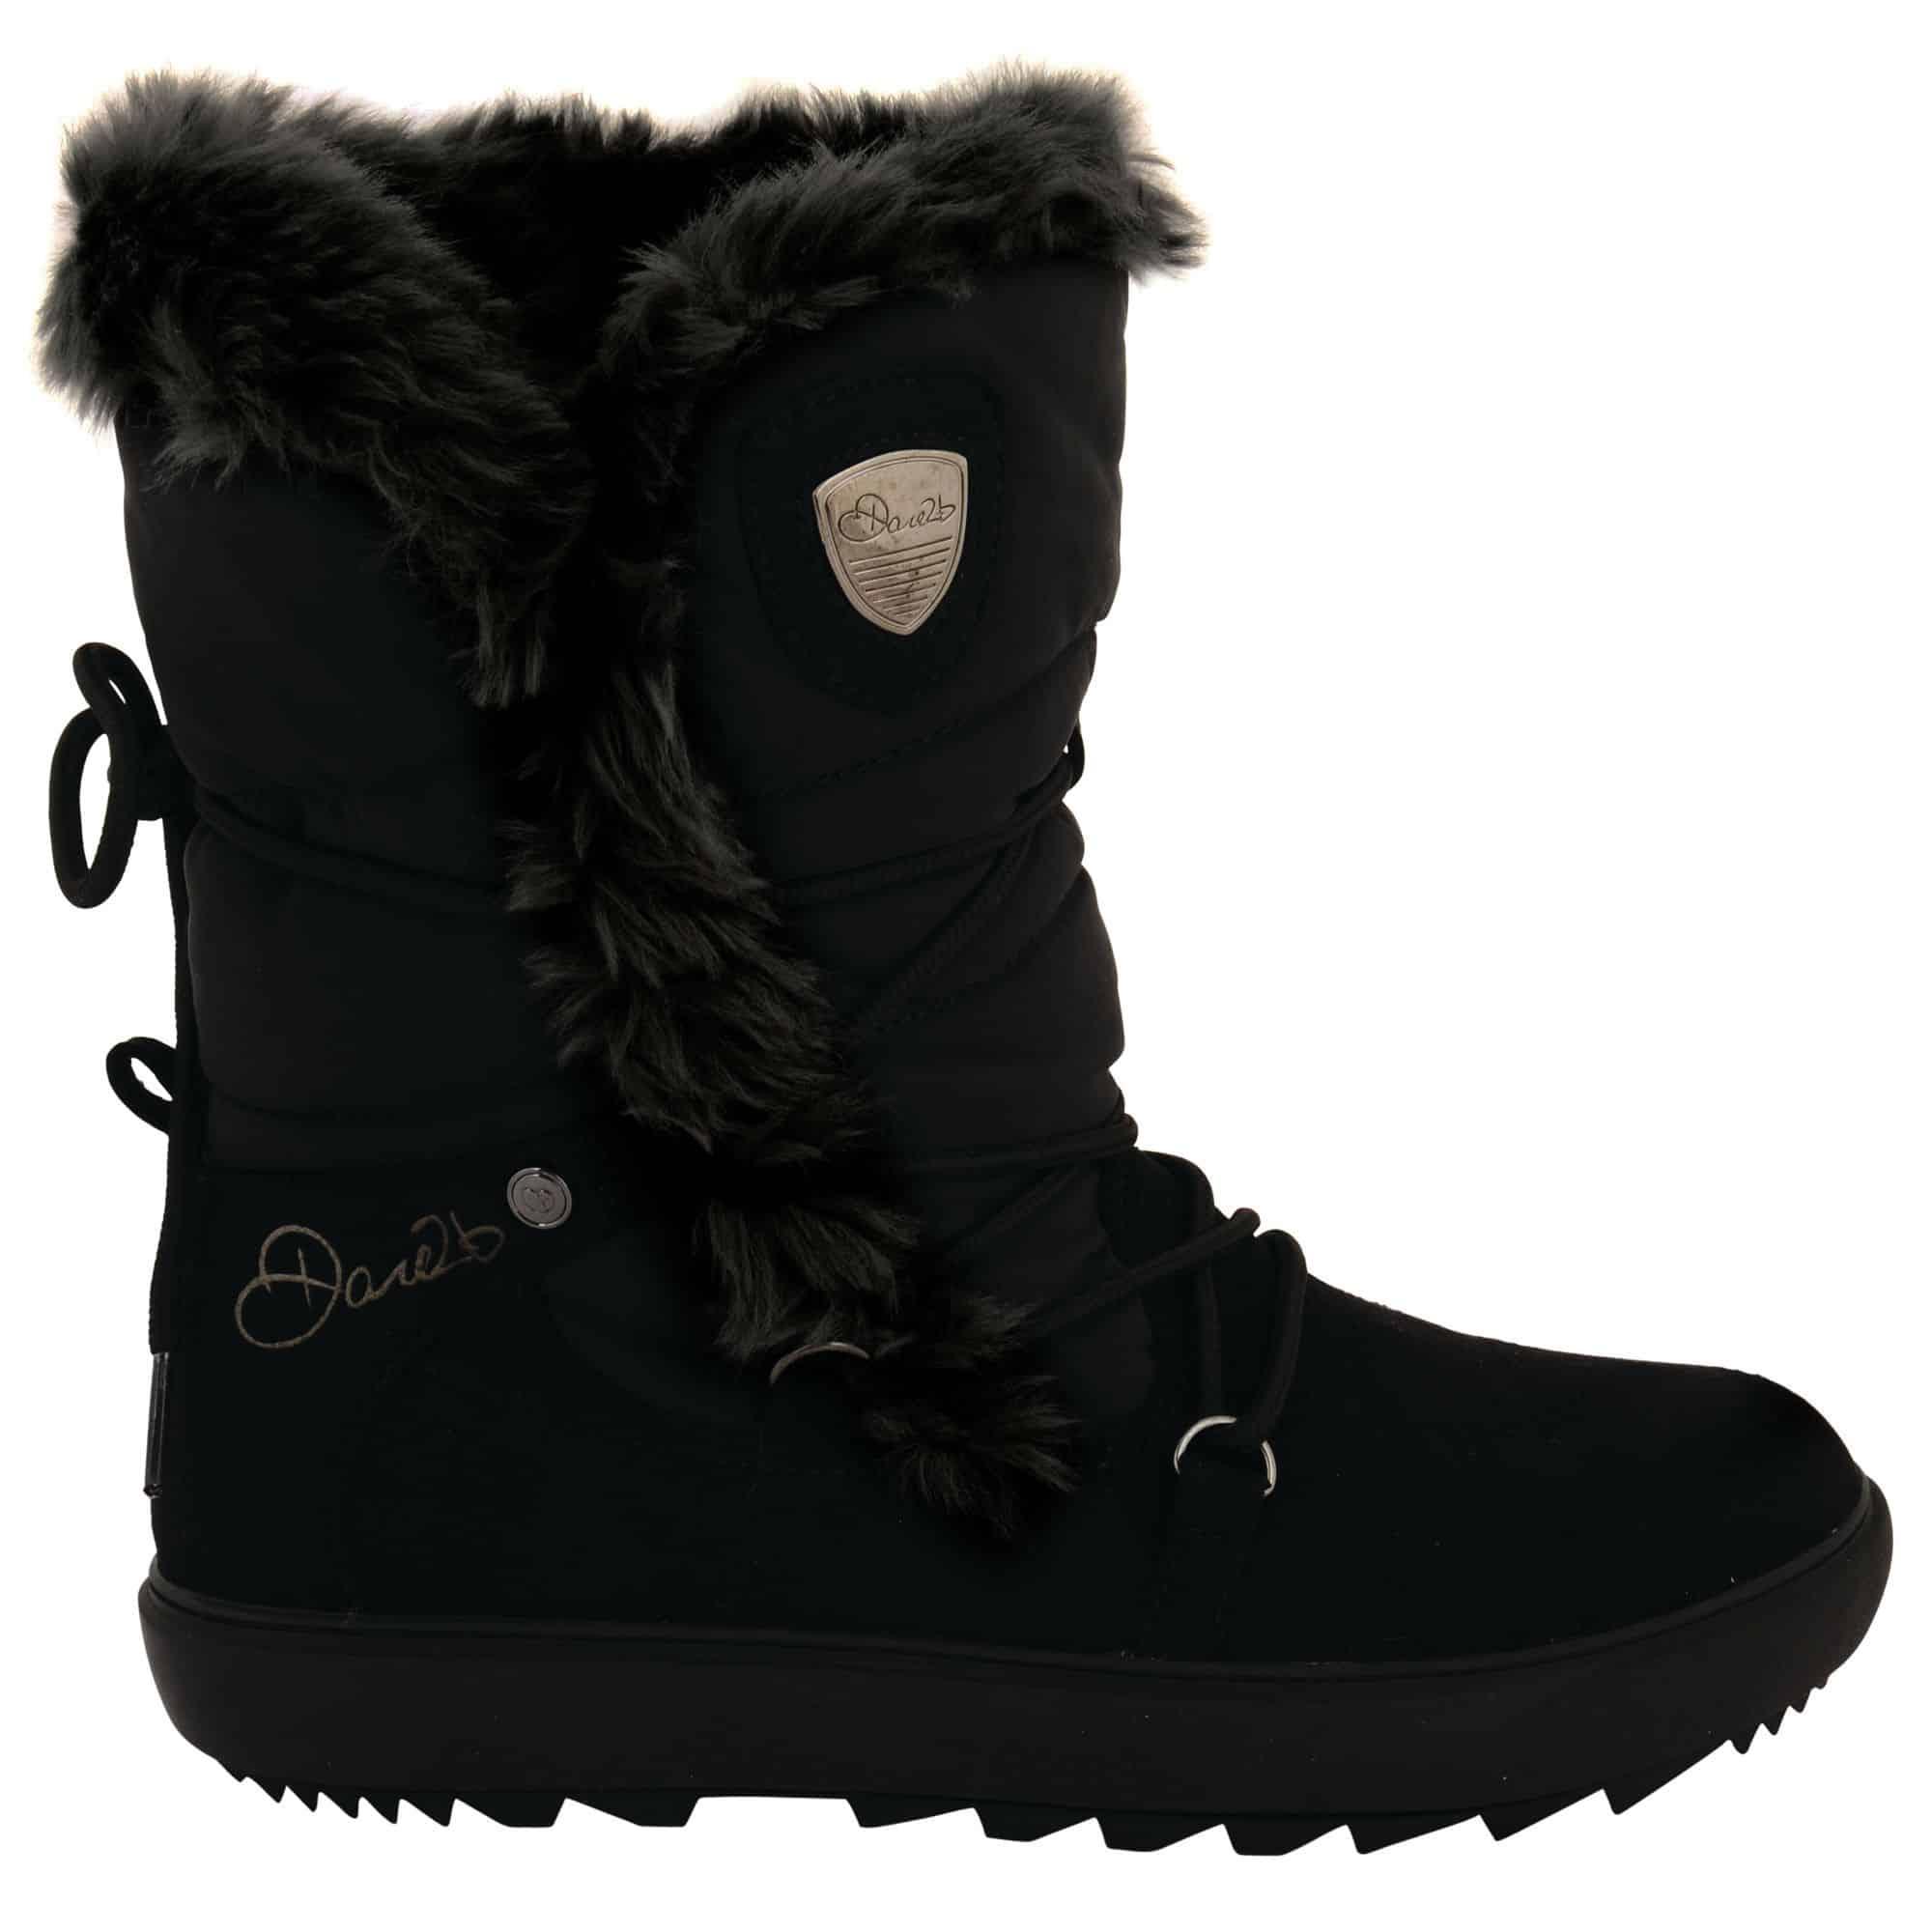 Karellis boot dwf313800